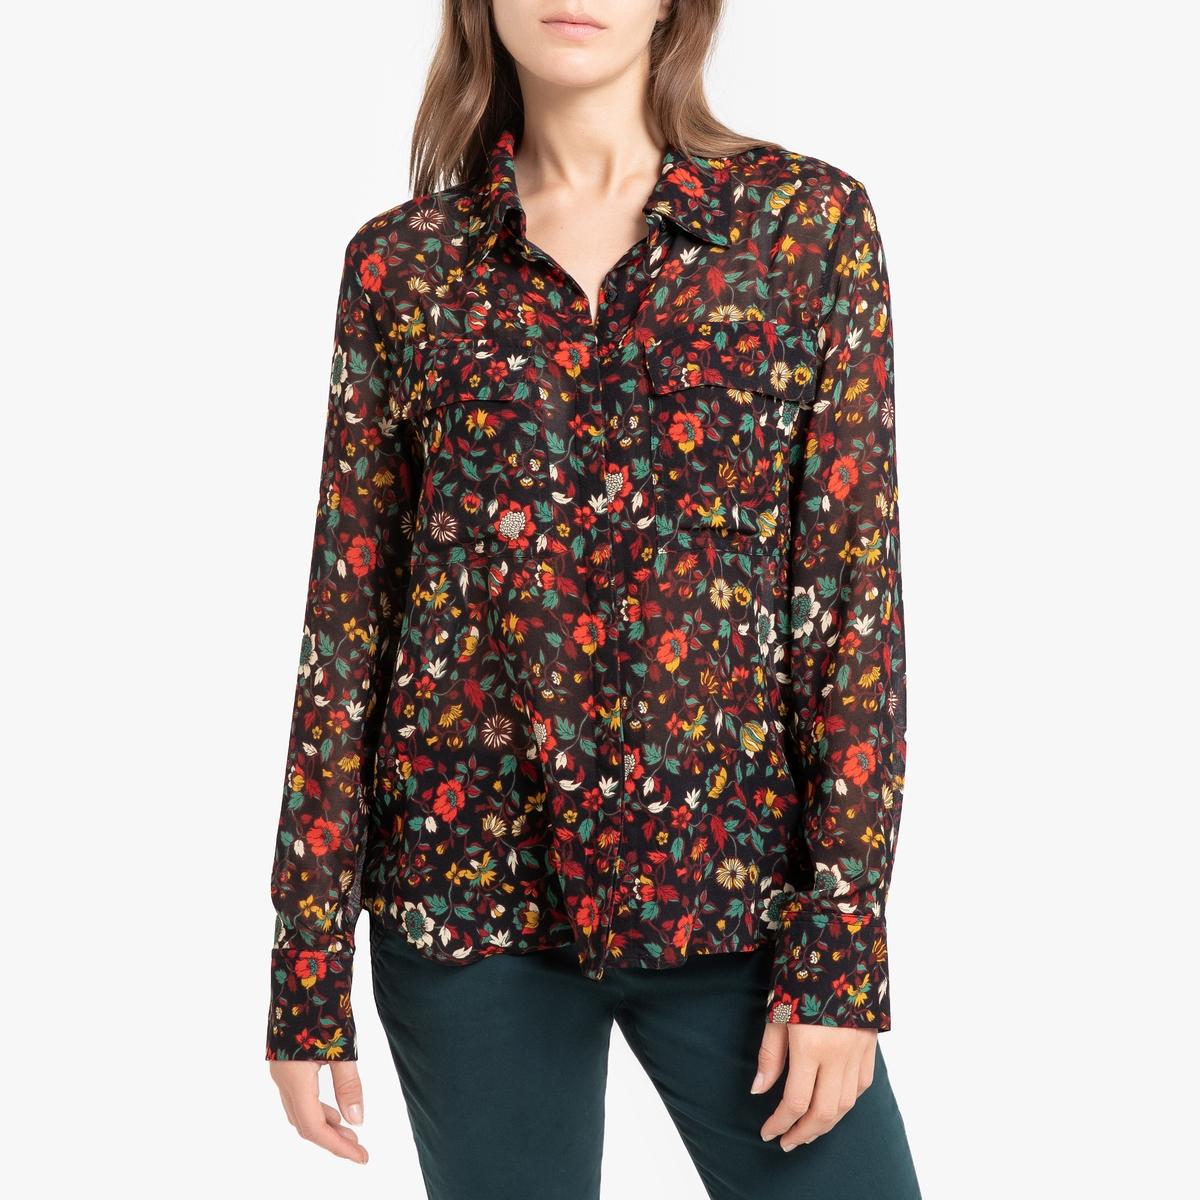 купить Блузка La Redoute С принтом и длинными рукавами FLAVIE 36 (FR) - 42 (RUS) черный по цене 7799 рублей